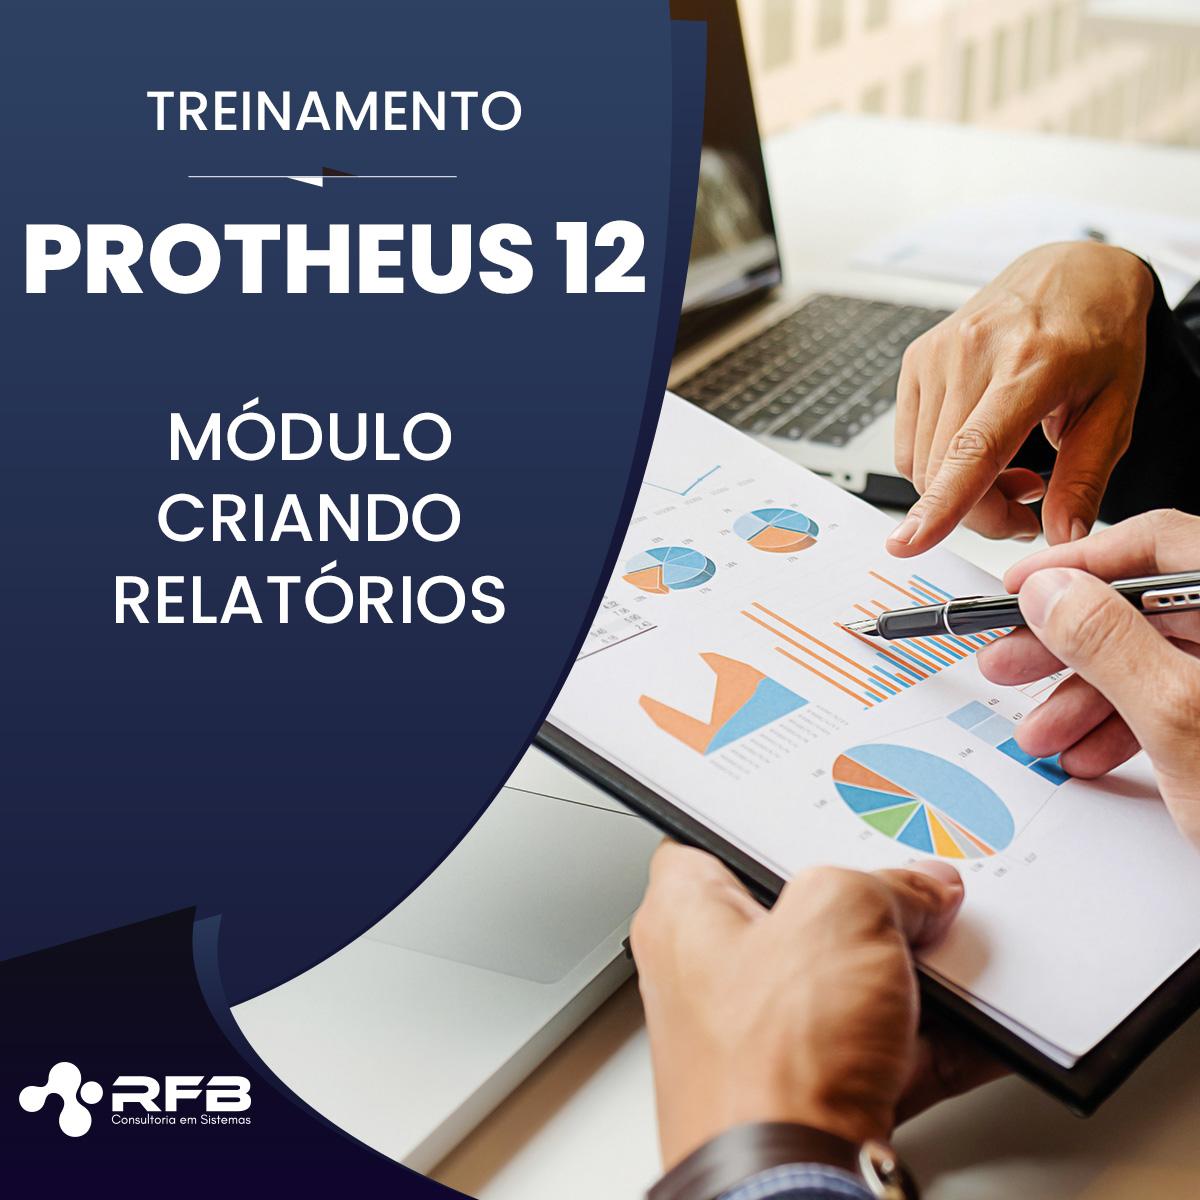 NOVO TREINAMENTO CRIANDO RELATÓRIOS NO PROTHEUS® V12